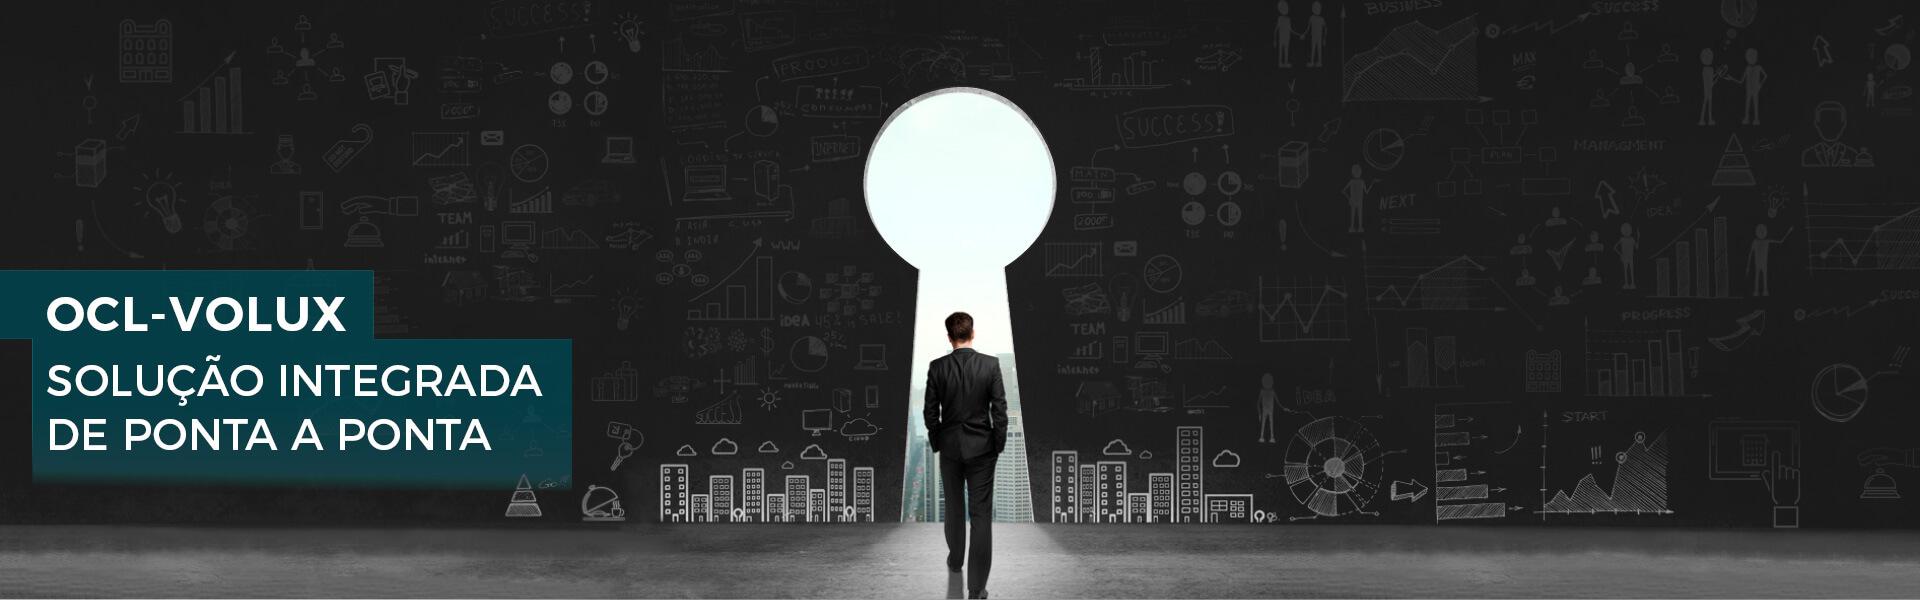 OCL-Volux Solução integrada de ponta a ponta